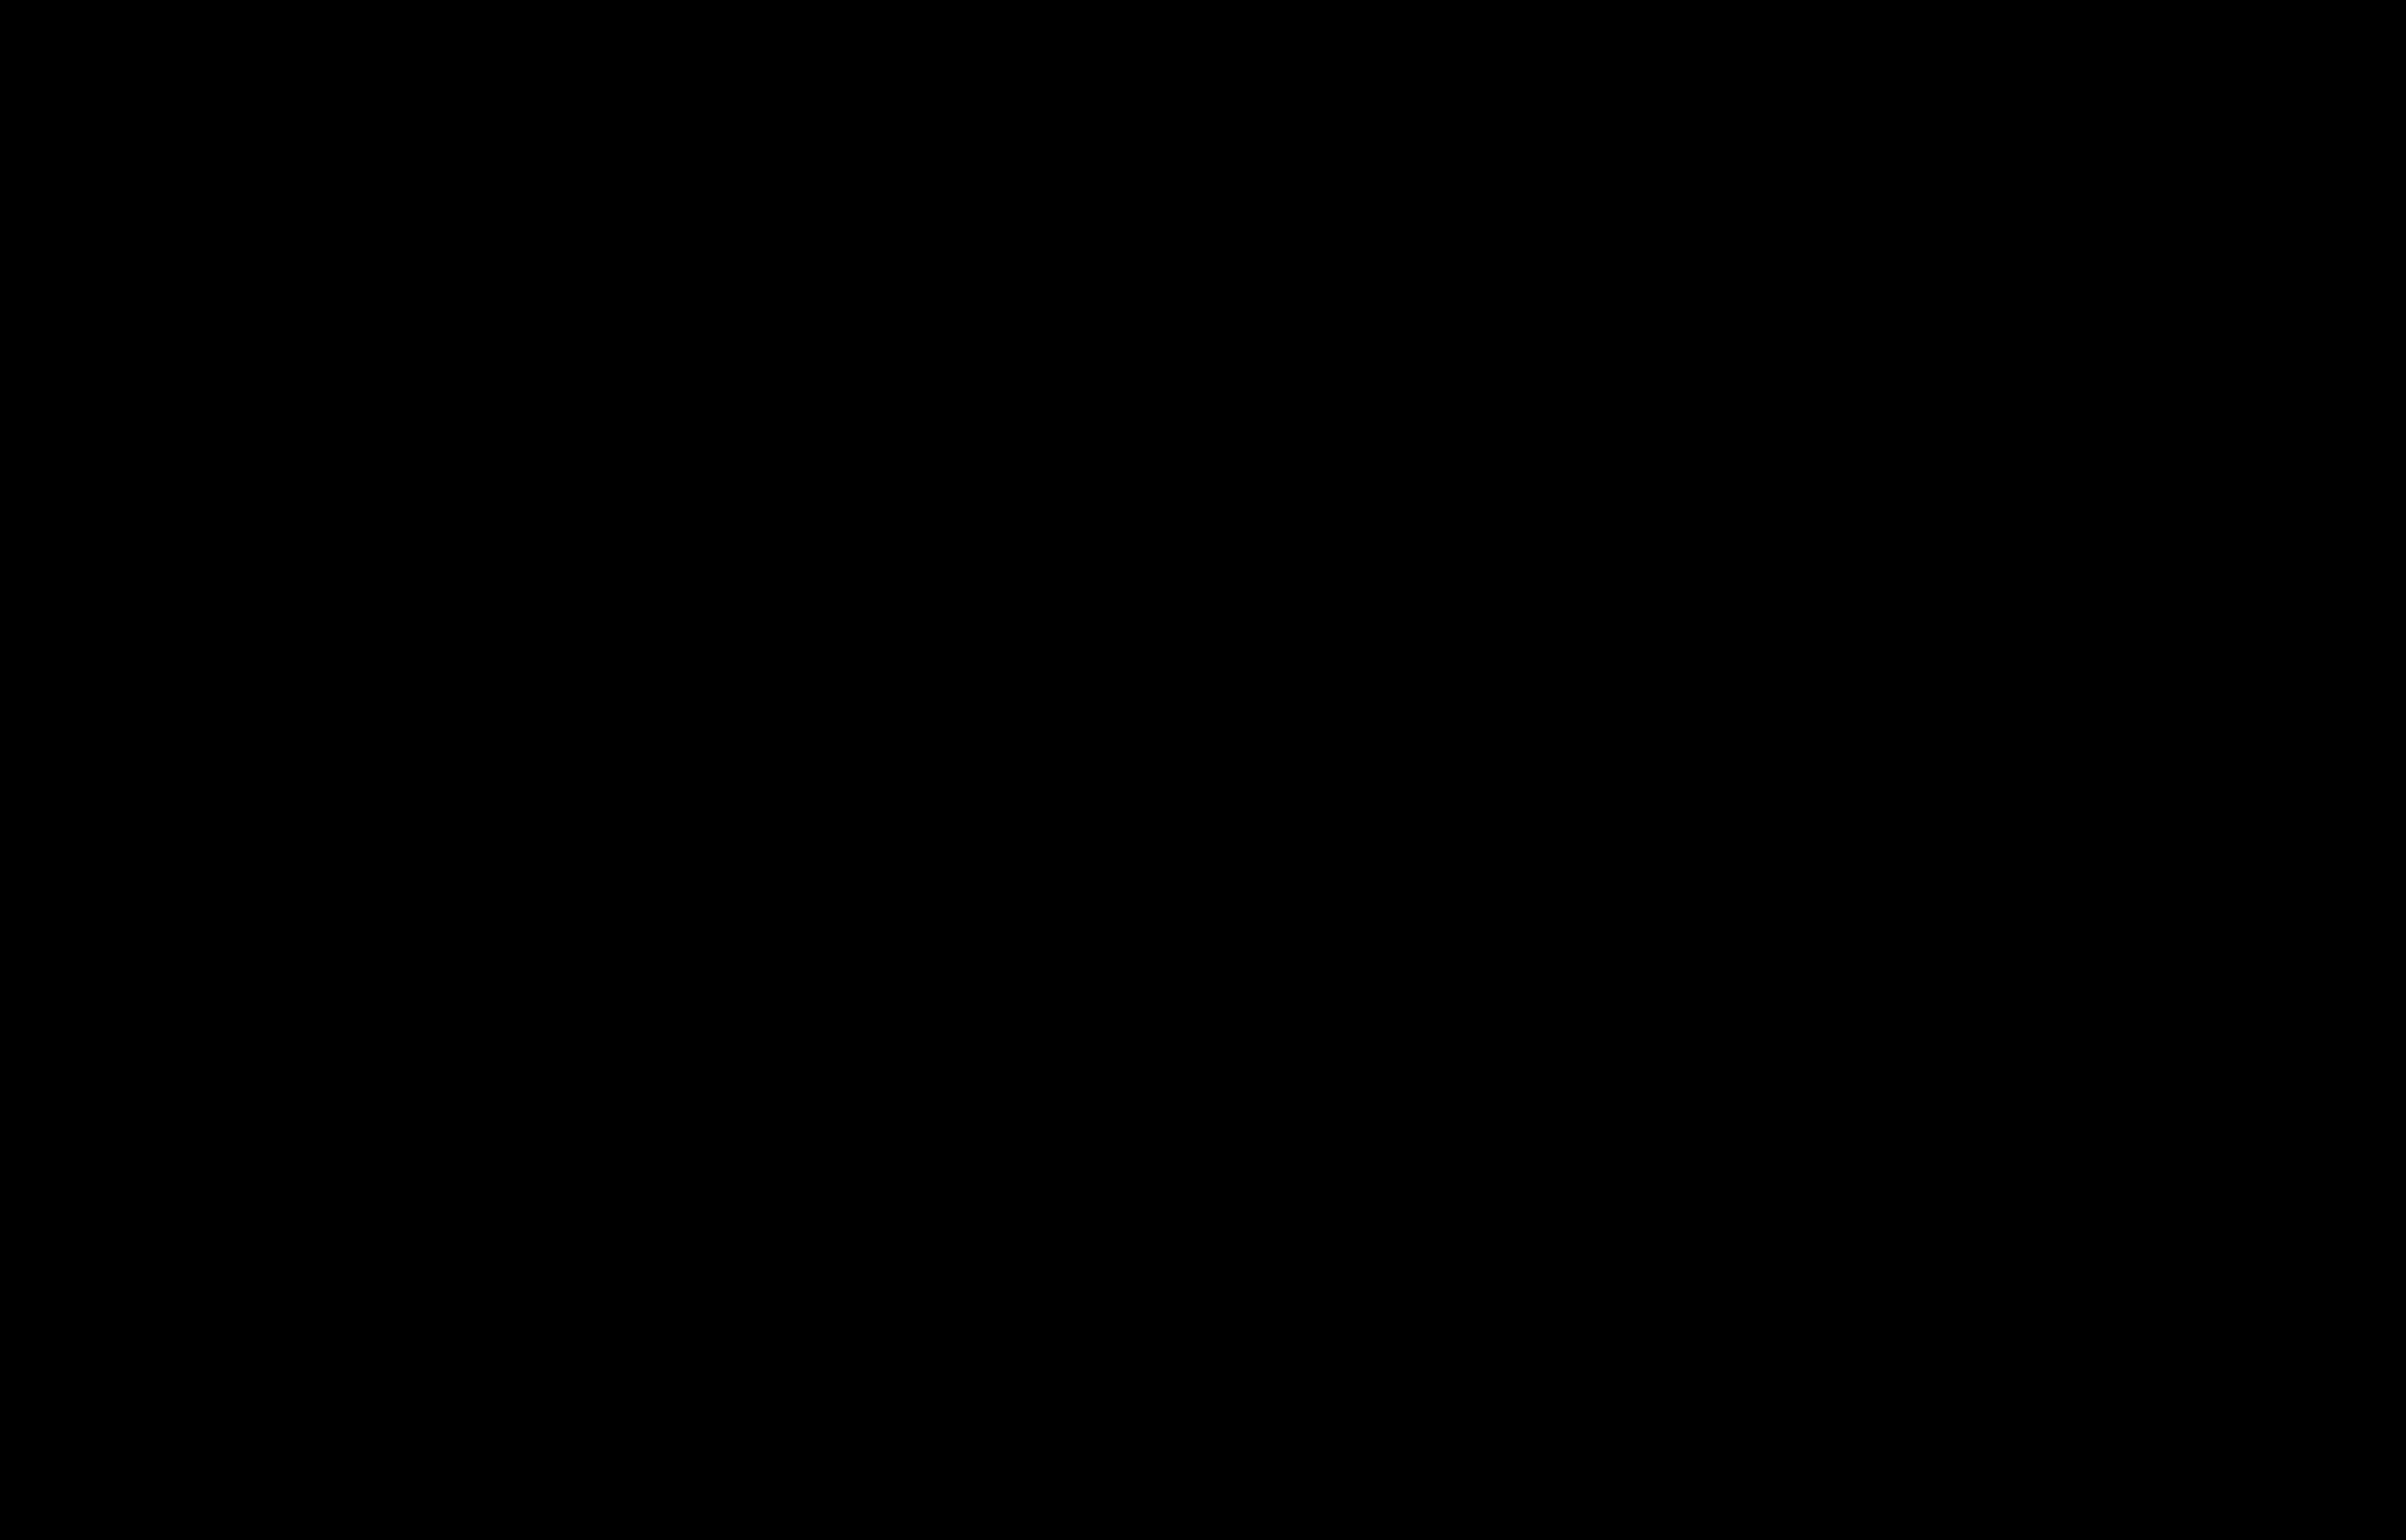 Картинка: Звёздные войны: Пробуждение Силы, Звёздные войны, Star Wars: The Force Awakens, Kylo Ren, маска, солдаты, меч, оружие